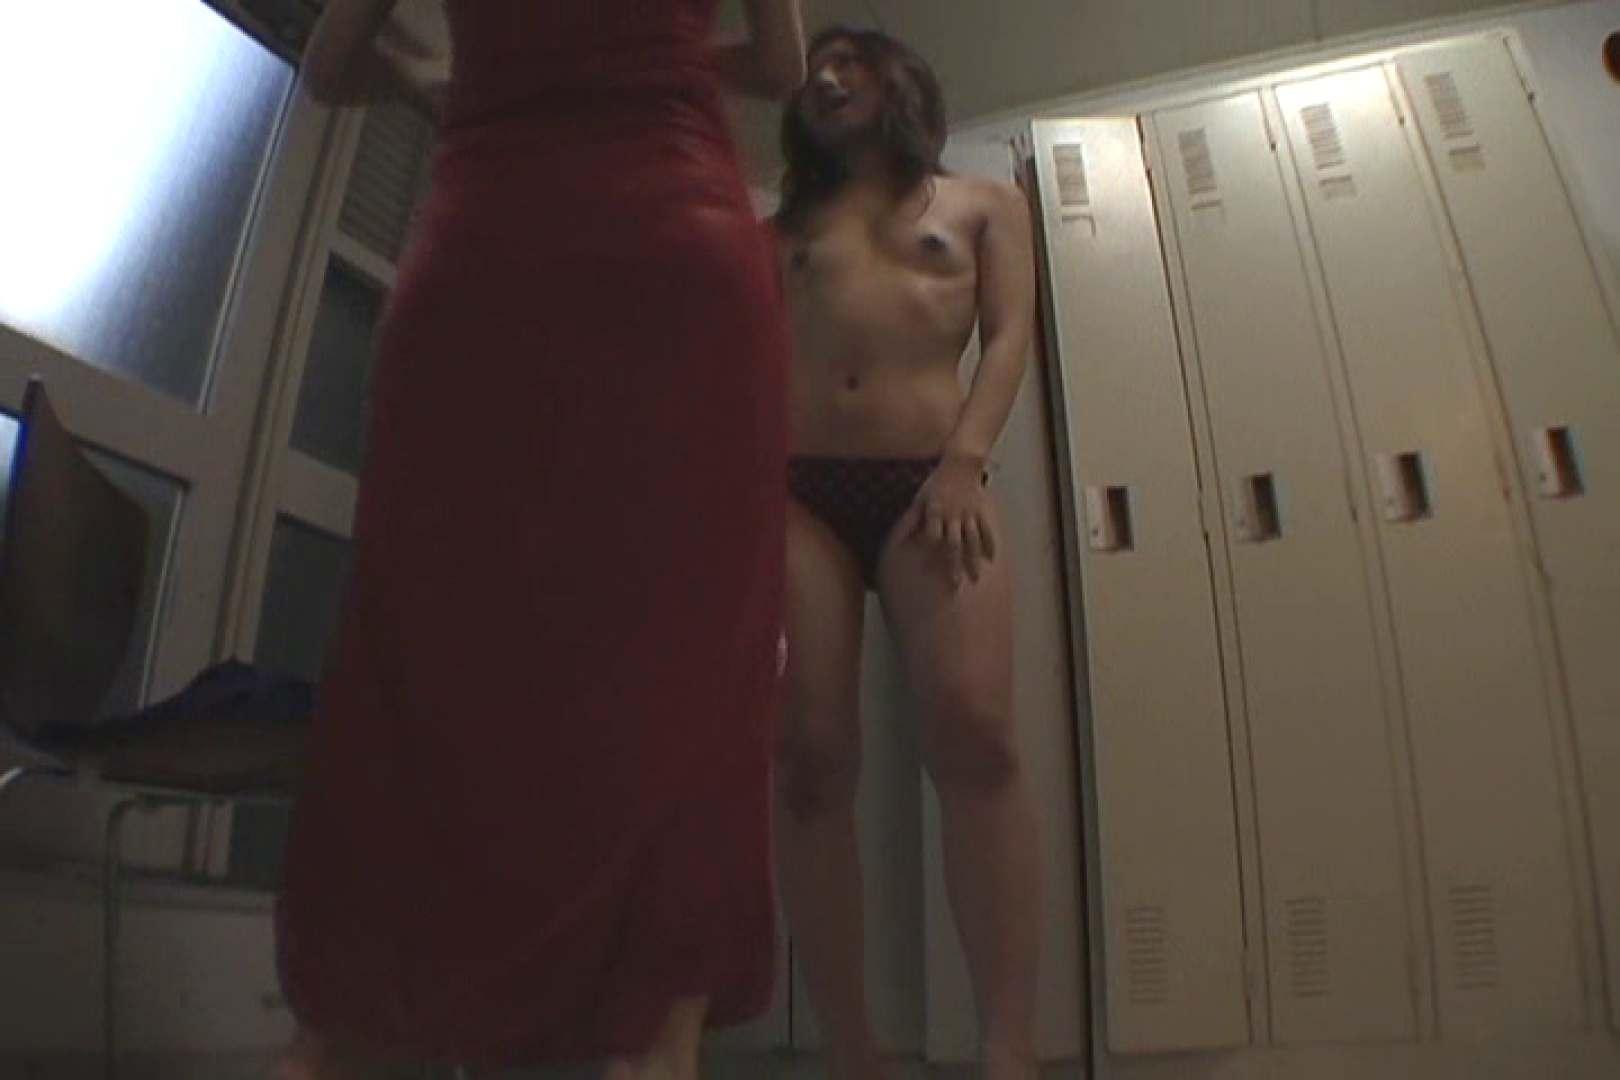 キャバ嬢舞台裏Vol.2 美しいOLの裸体 | キャバ嬢丸裸  70pic 10